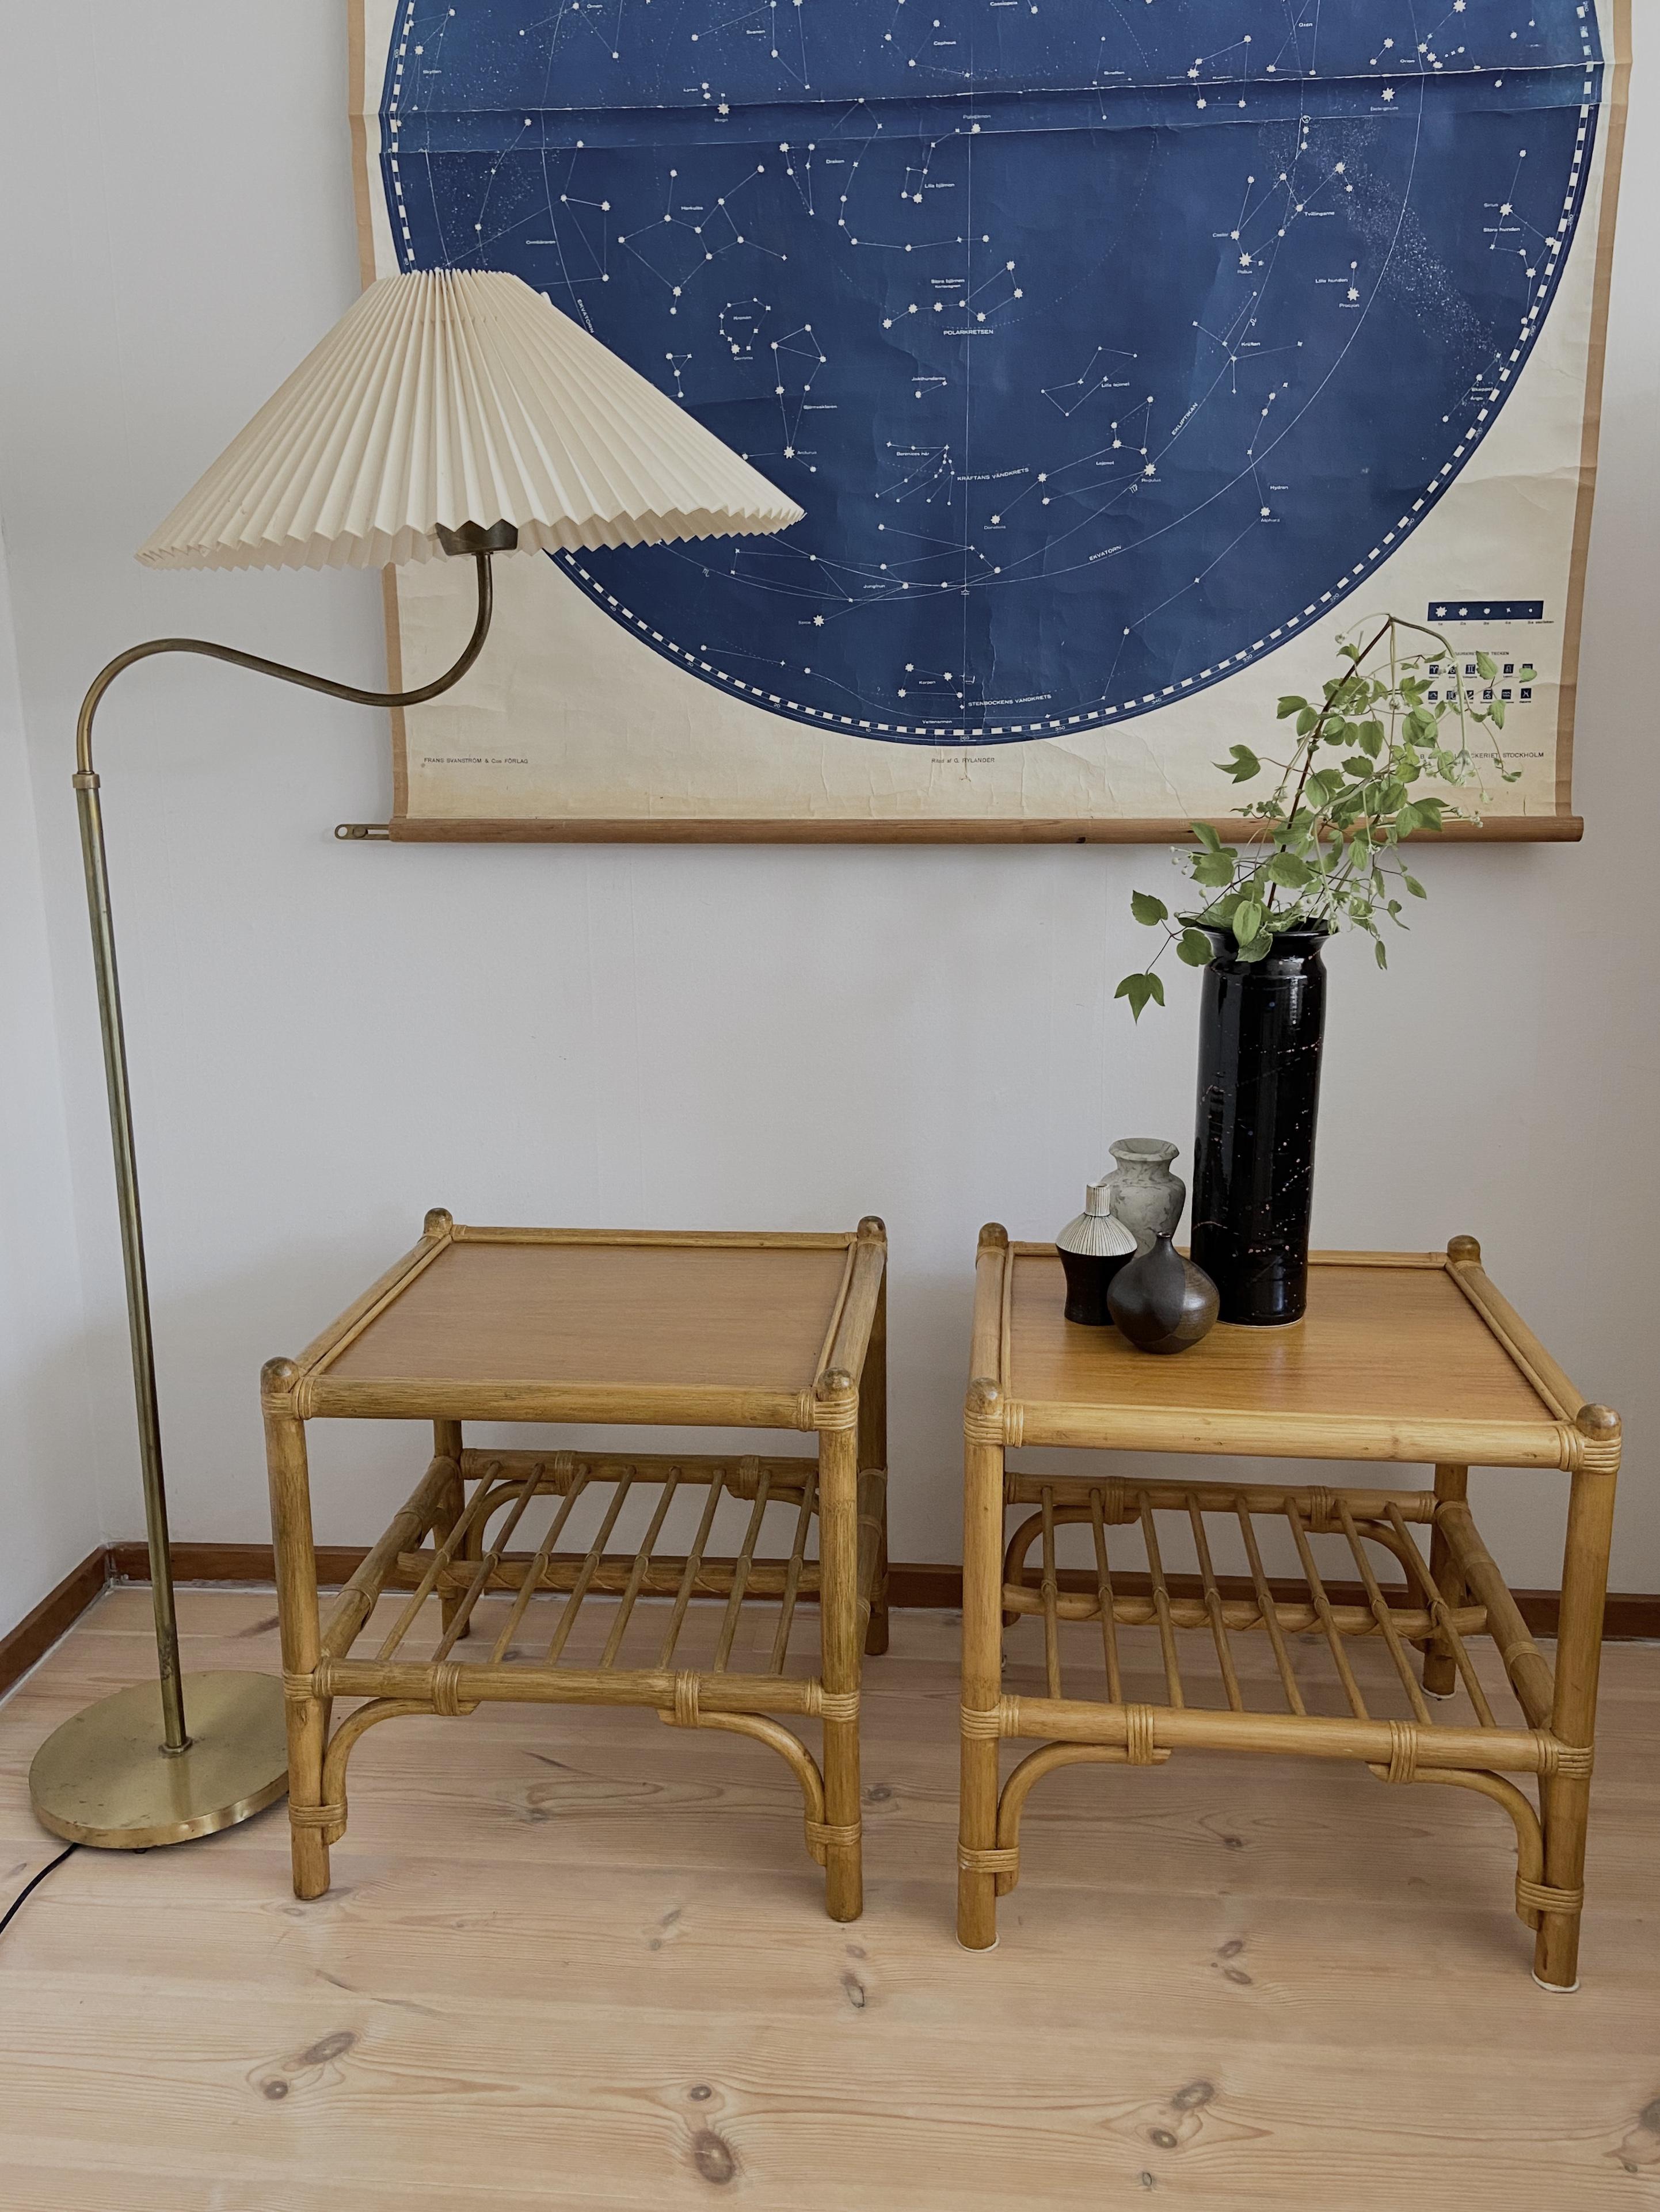 Paret avlastningsbord/sängbord